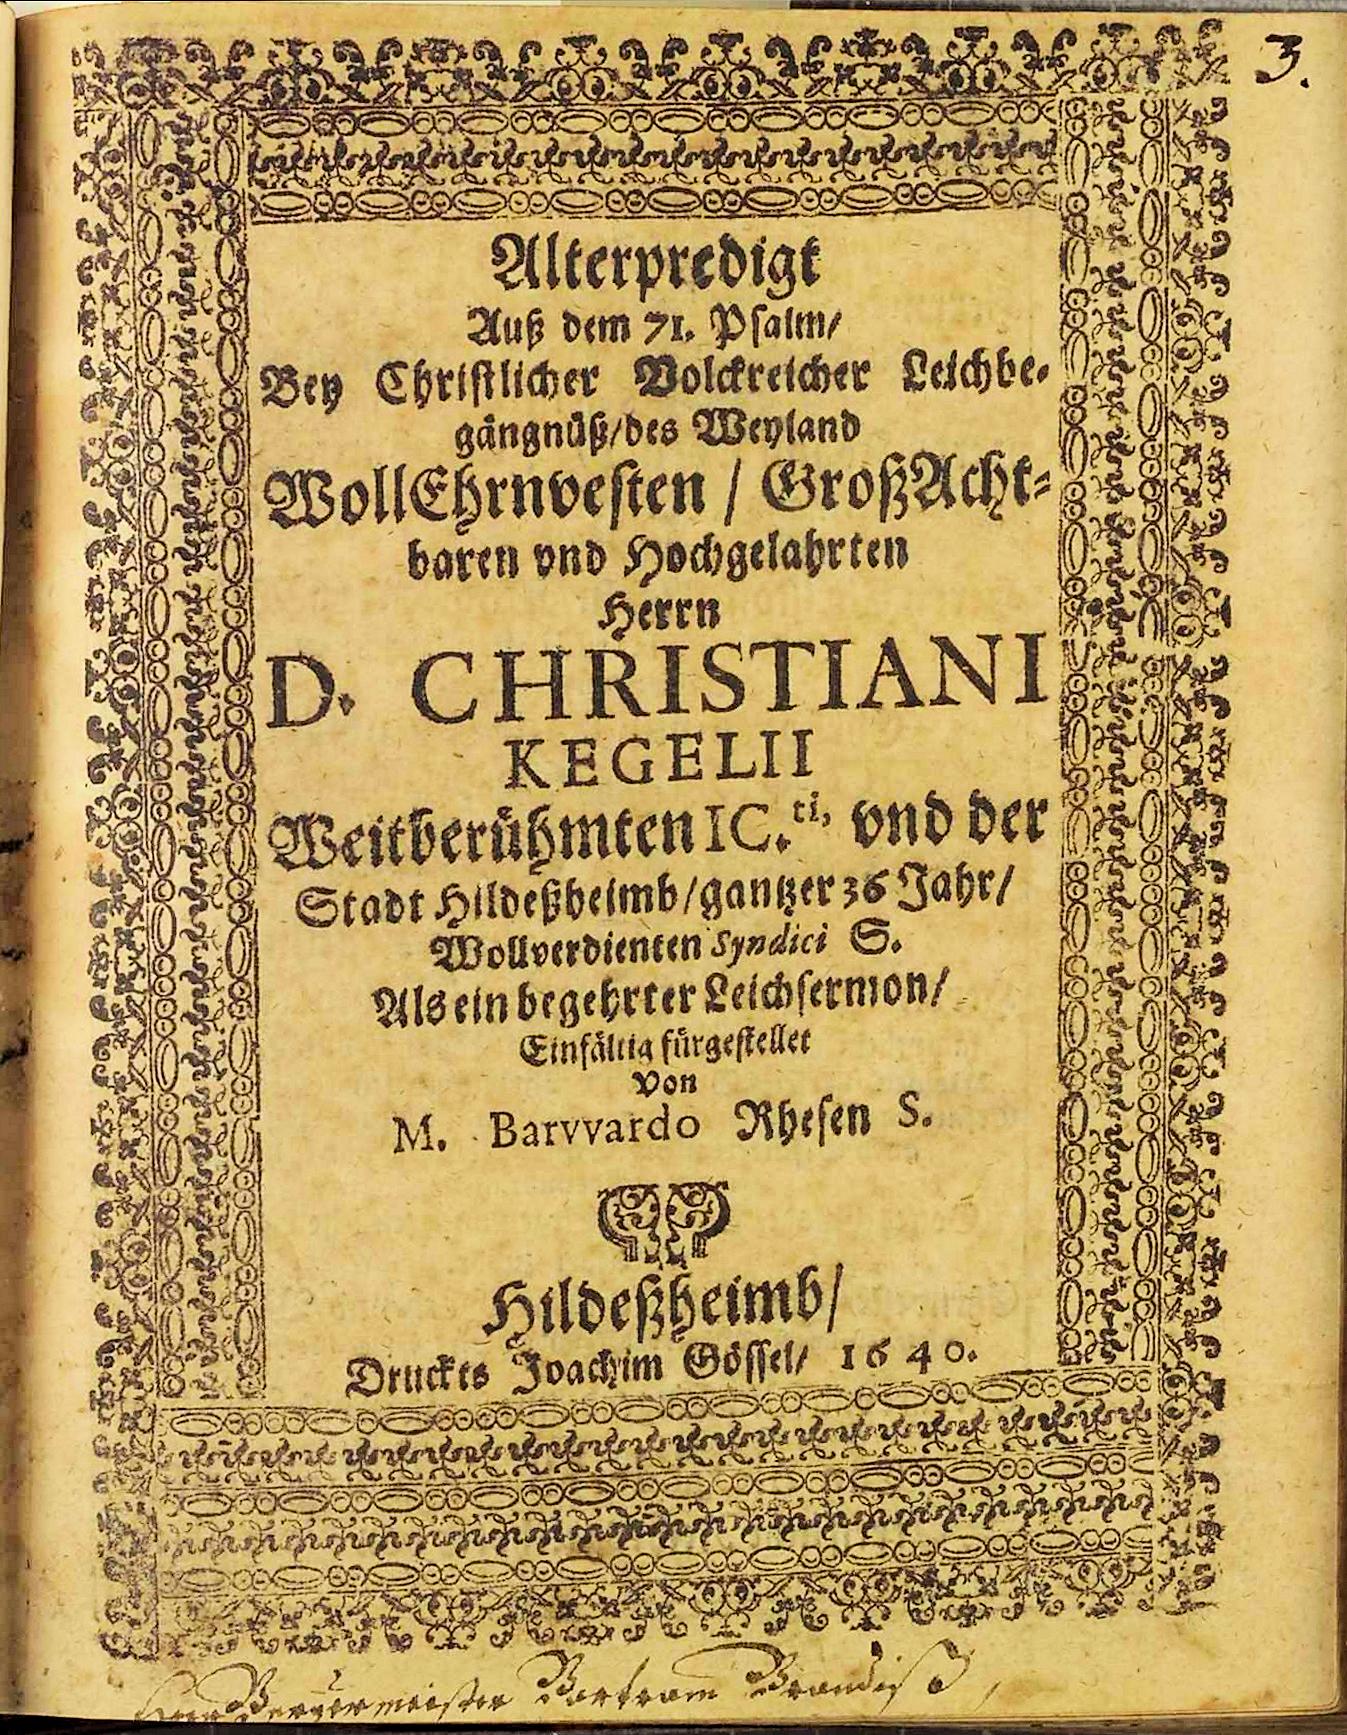 Leichenpredigt Christian Kegel